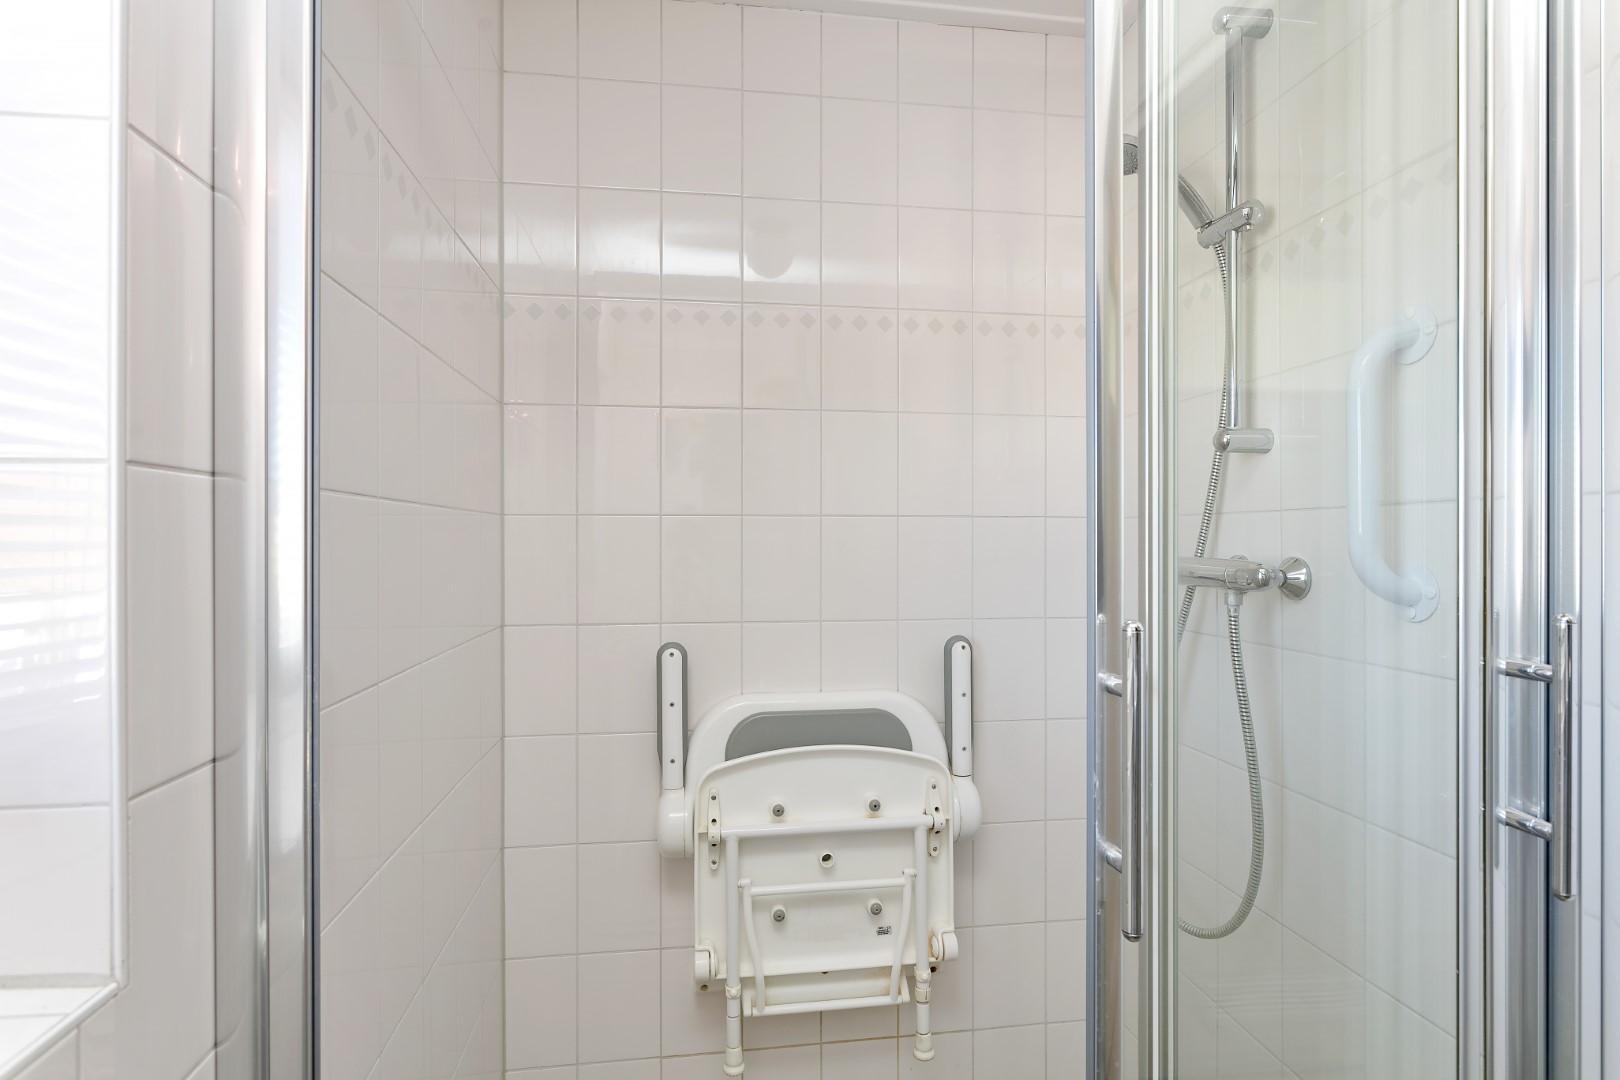 Badkamer -- Twee kapper te koop in Made